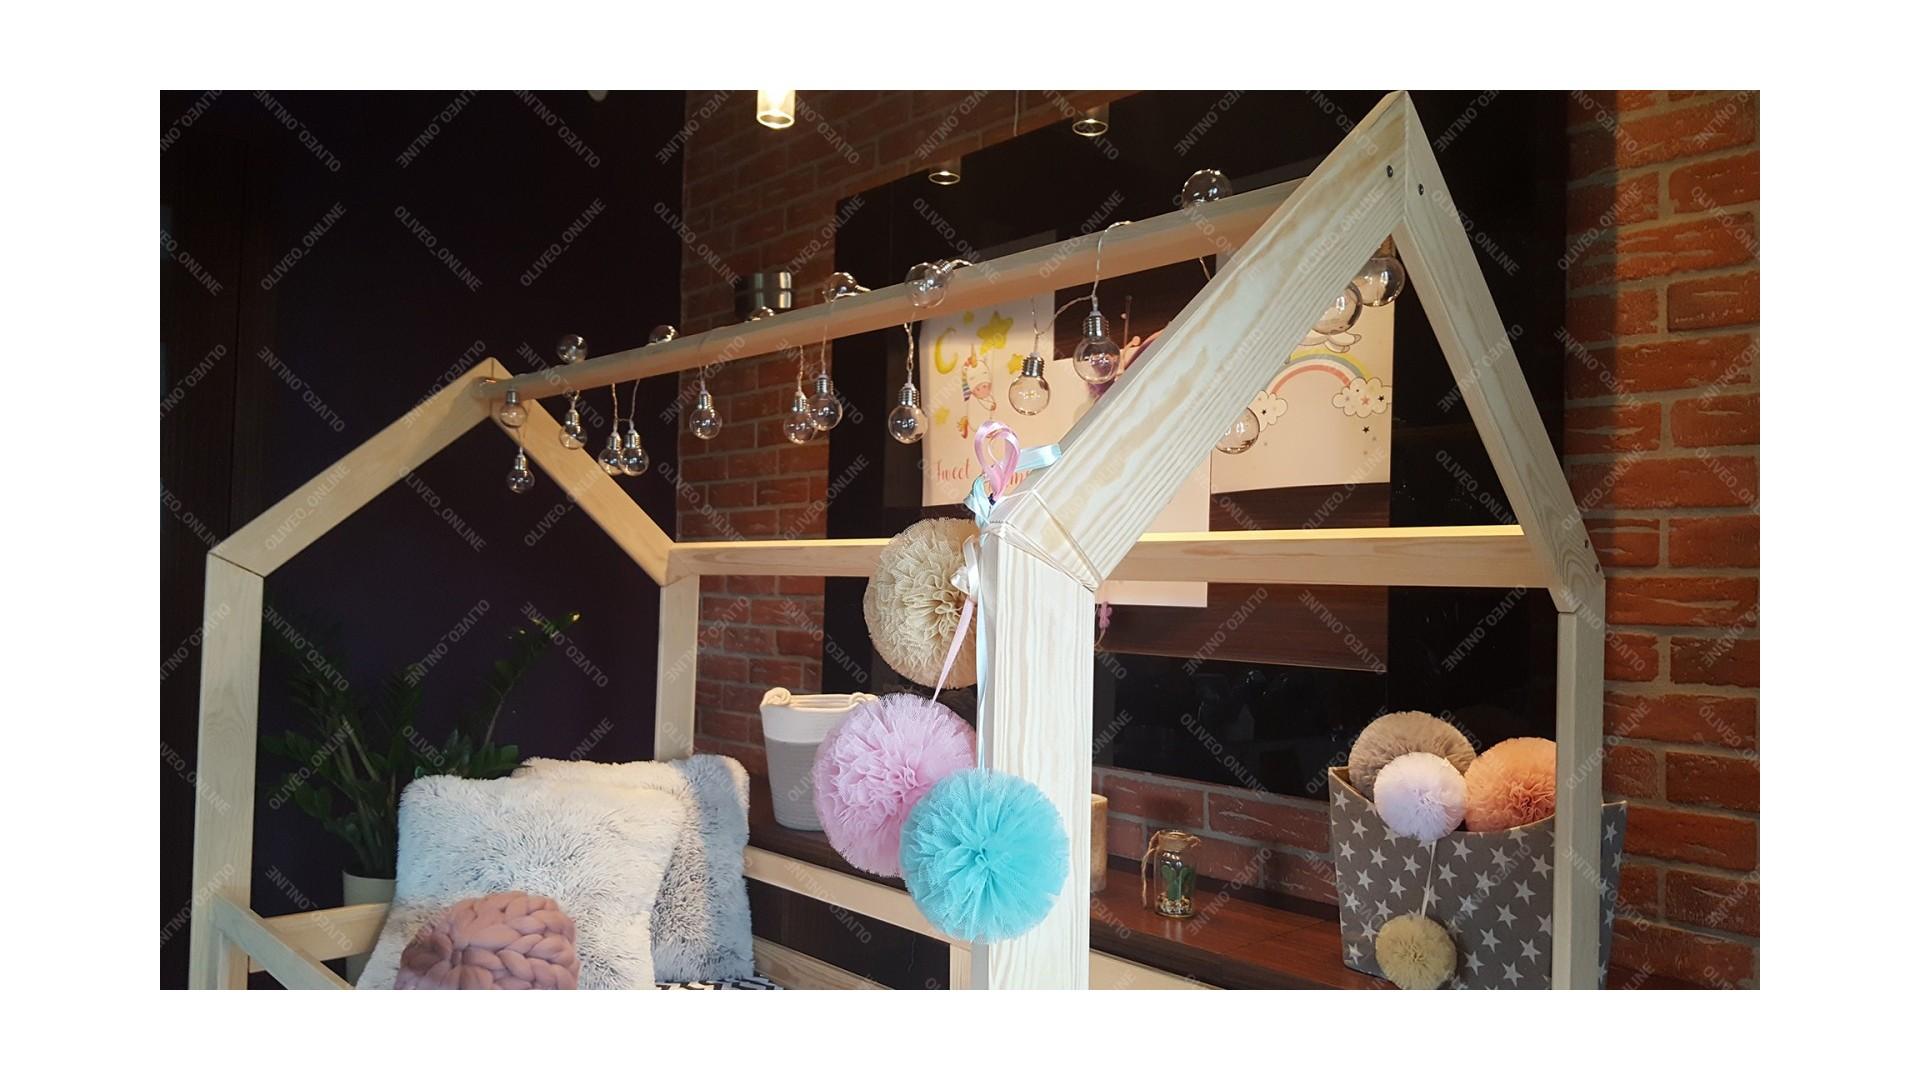 mon lit cabane lit pour enfants lit d 39 enfant lit b b lit de jeu lit cabane monlitcabane. Black Bedroom Furniture Sets. Home Design Ideas